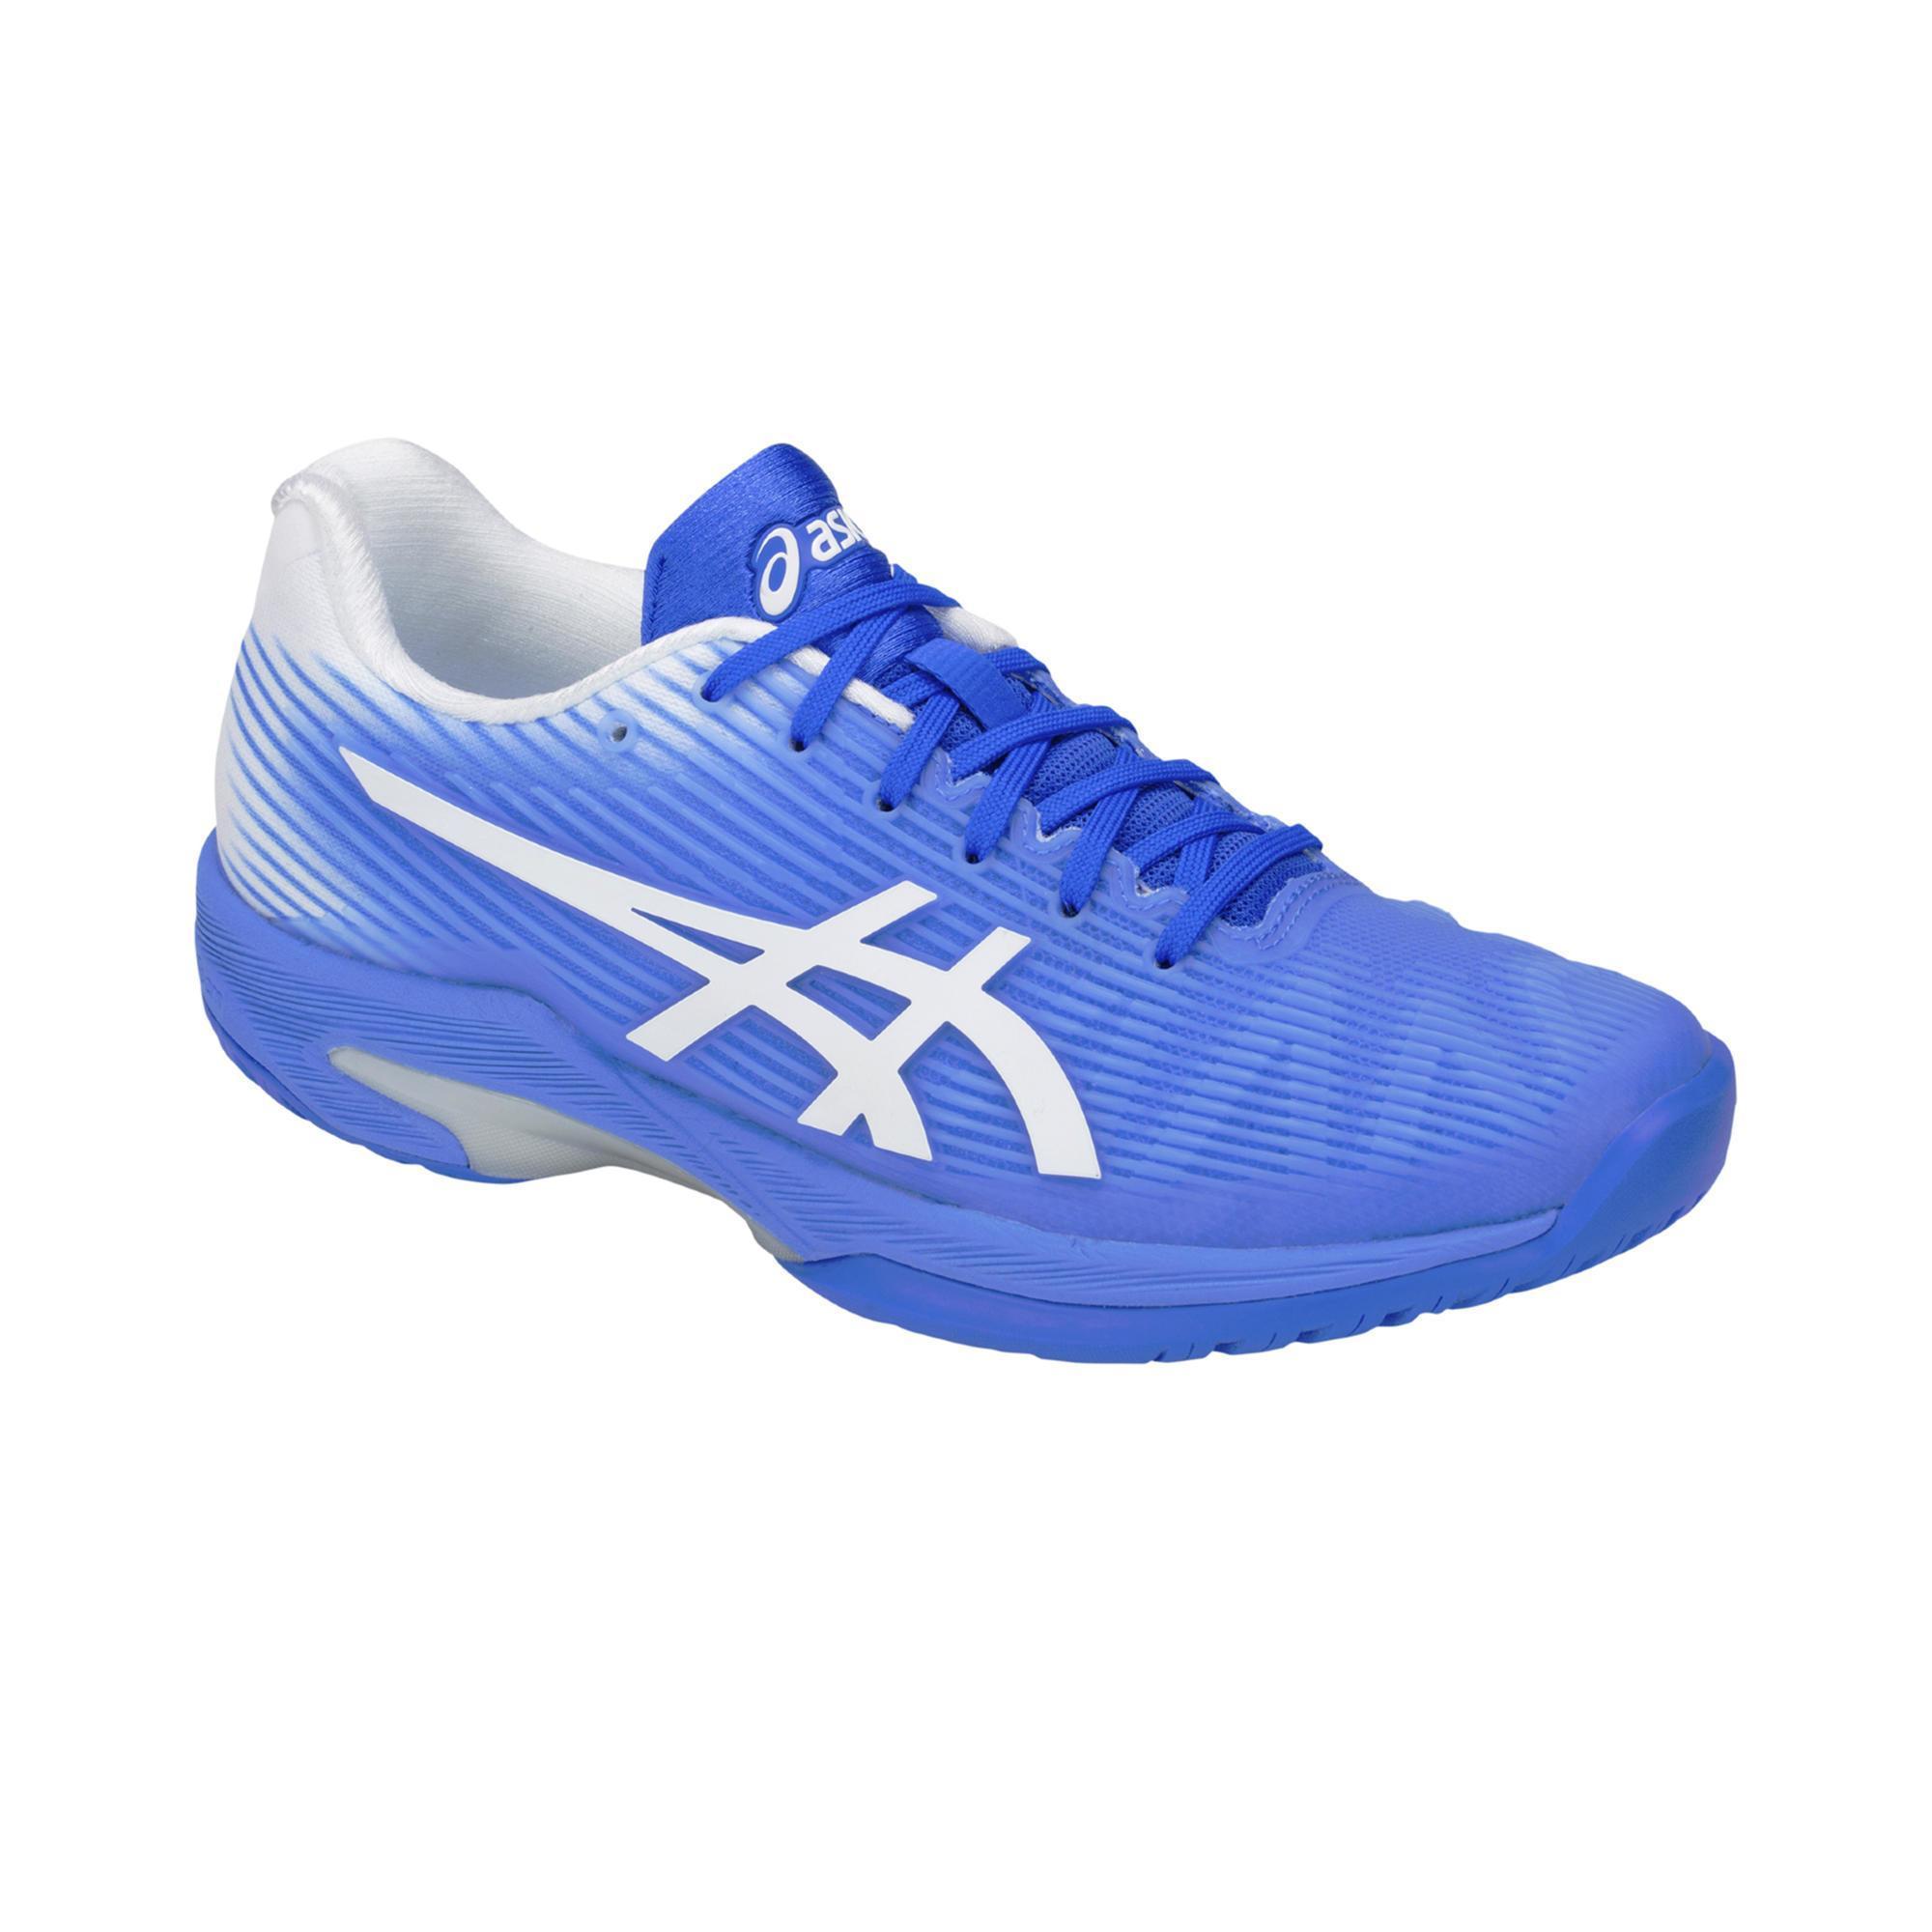 Tennisschuhe Gel Solution Speed Damen Flash blau | Schuhe > Sportschuhe > Tennisschuhe | ASICS